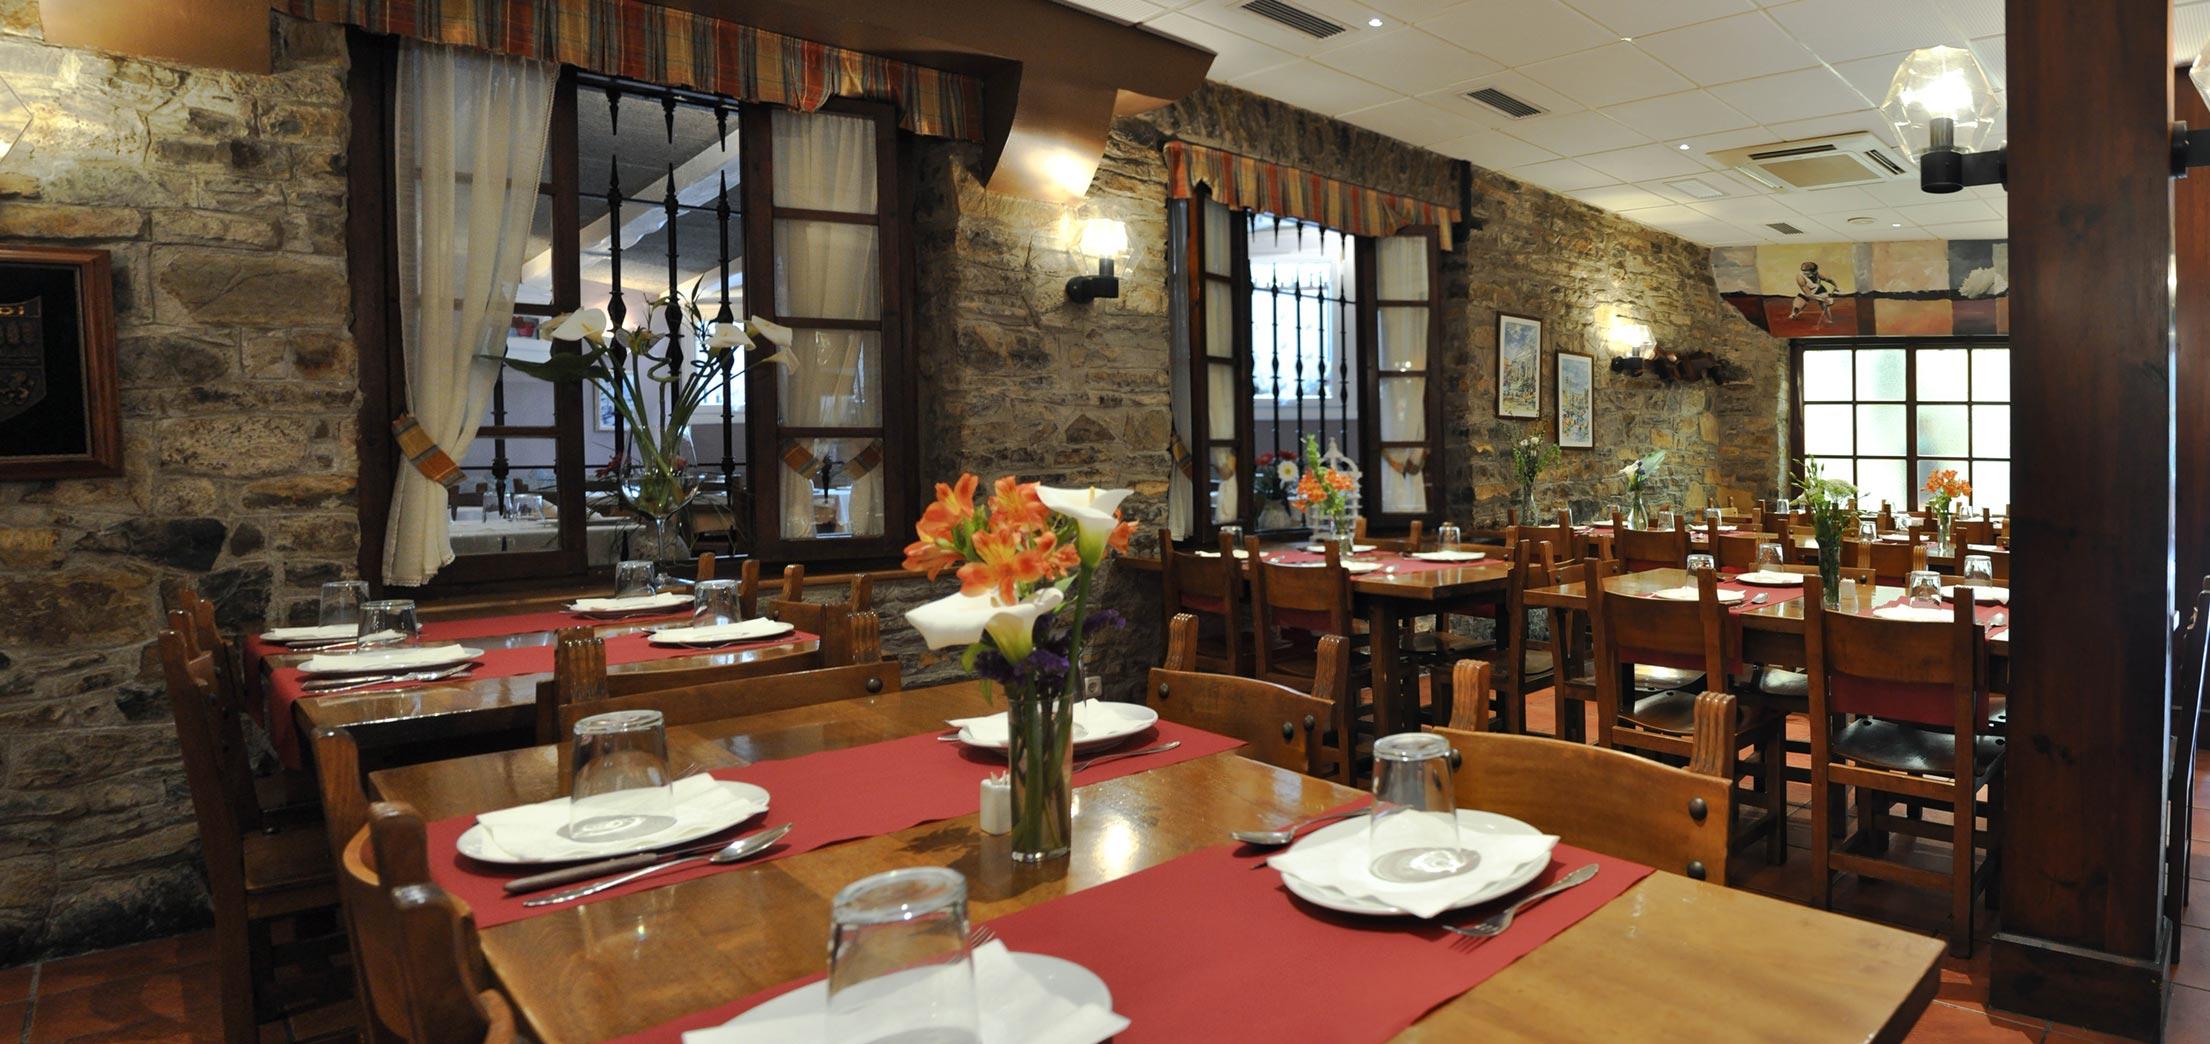 Comedor Restaurante Asador Lagunak – Restaurante Asador Pensión Lagunak